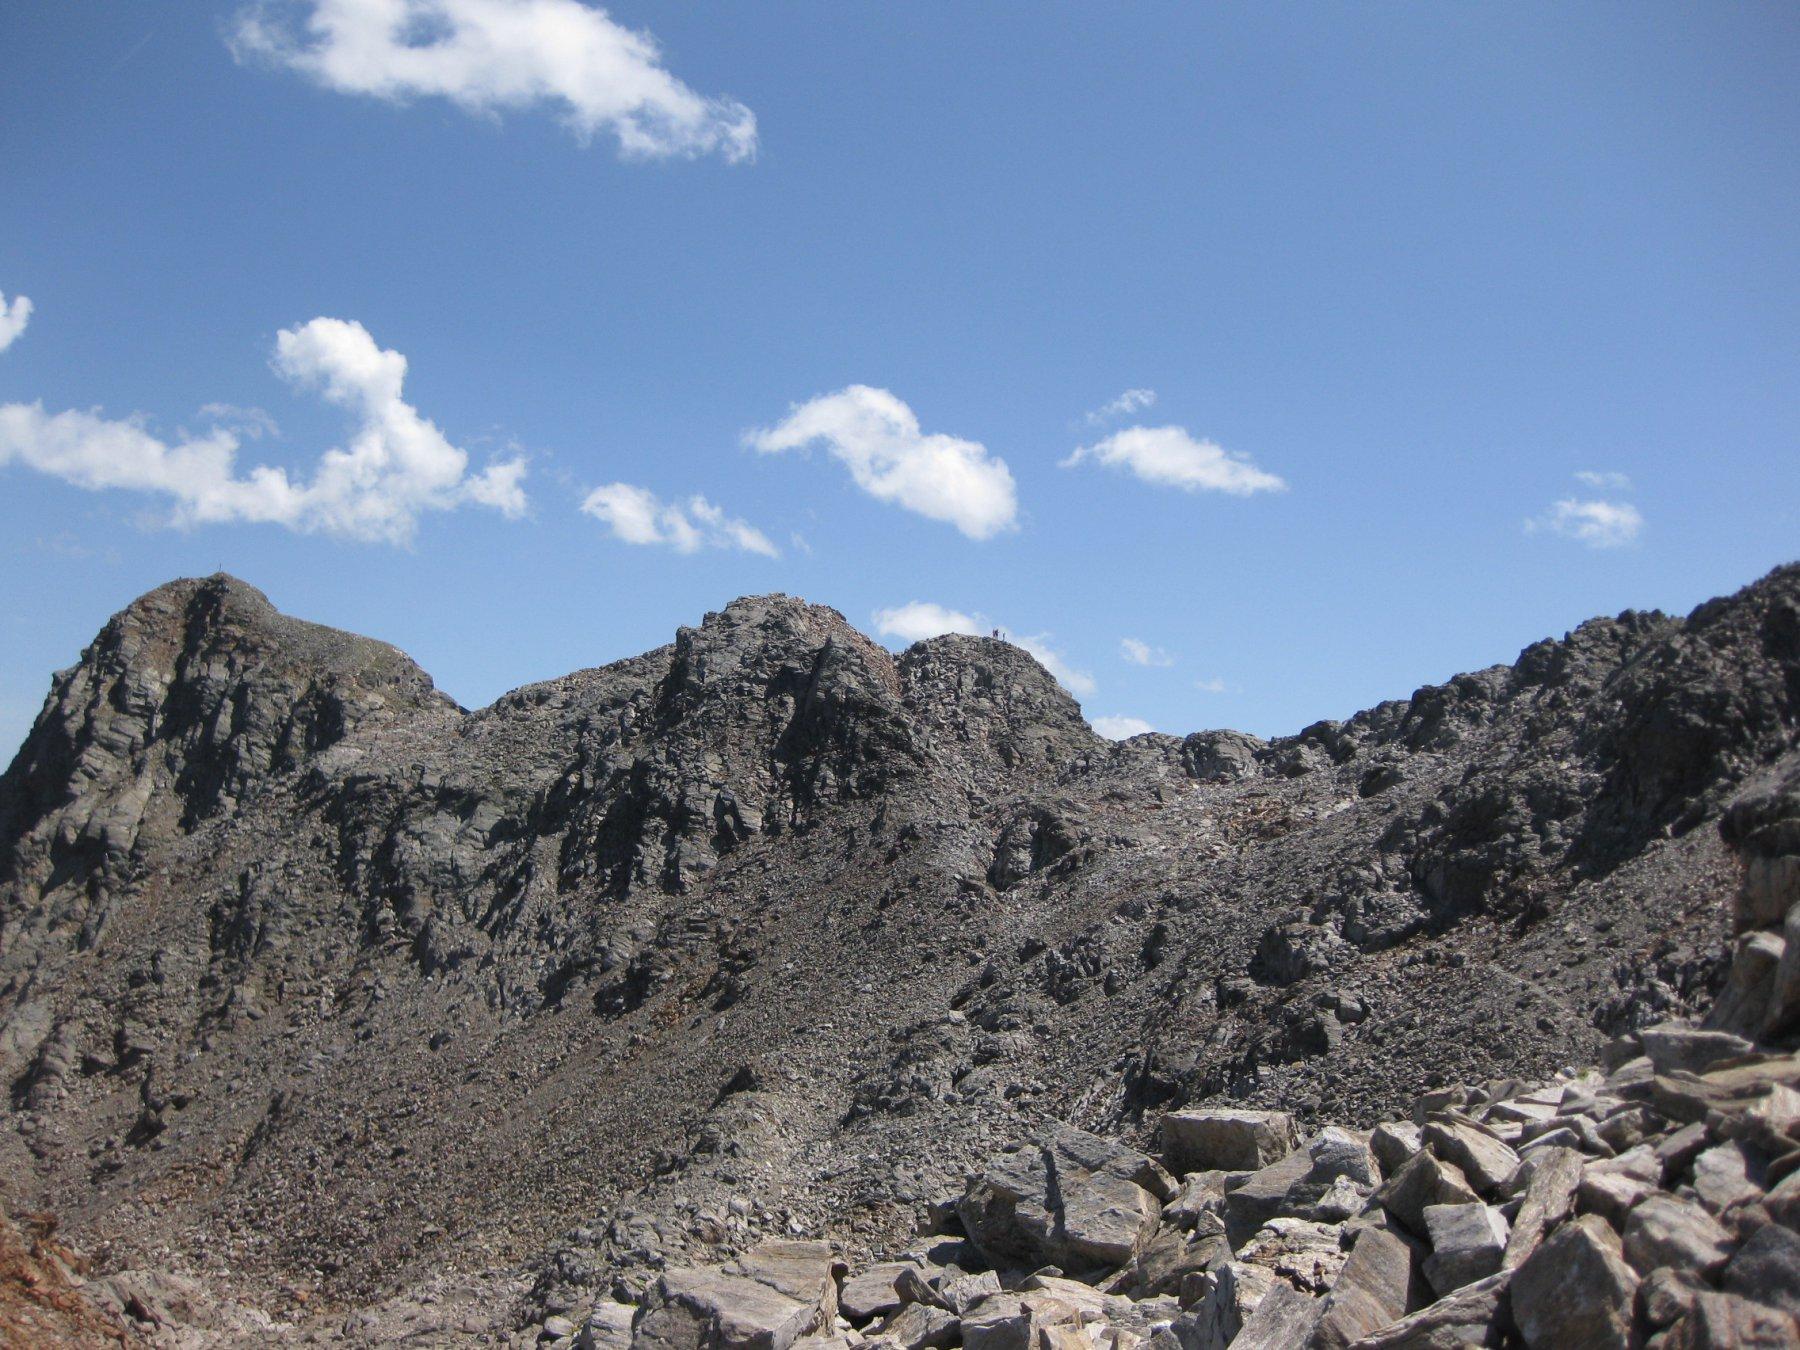 la cresta vista dal laghetto